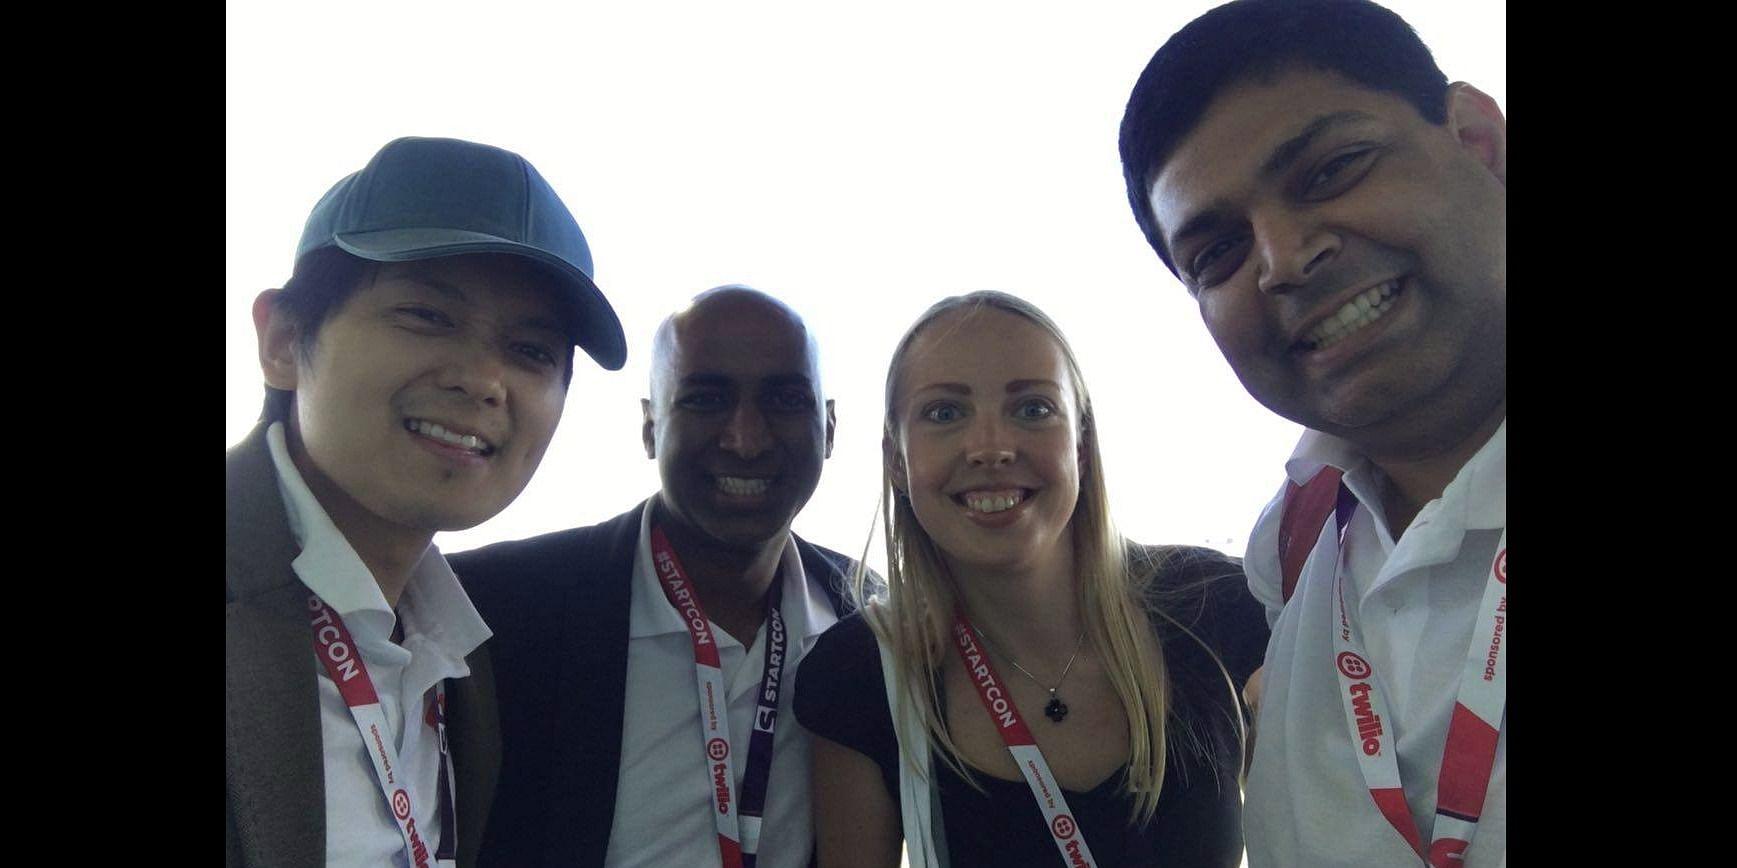 Helping Startups: Hussain at StartCon 2016, Sydney